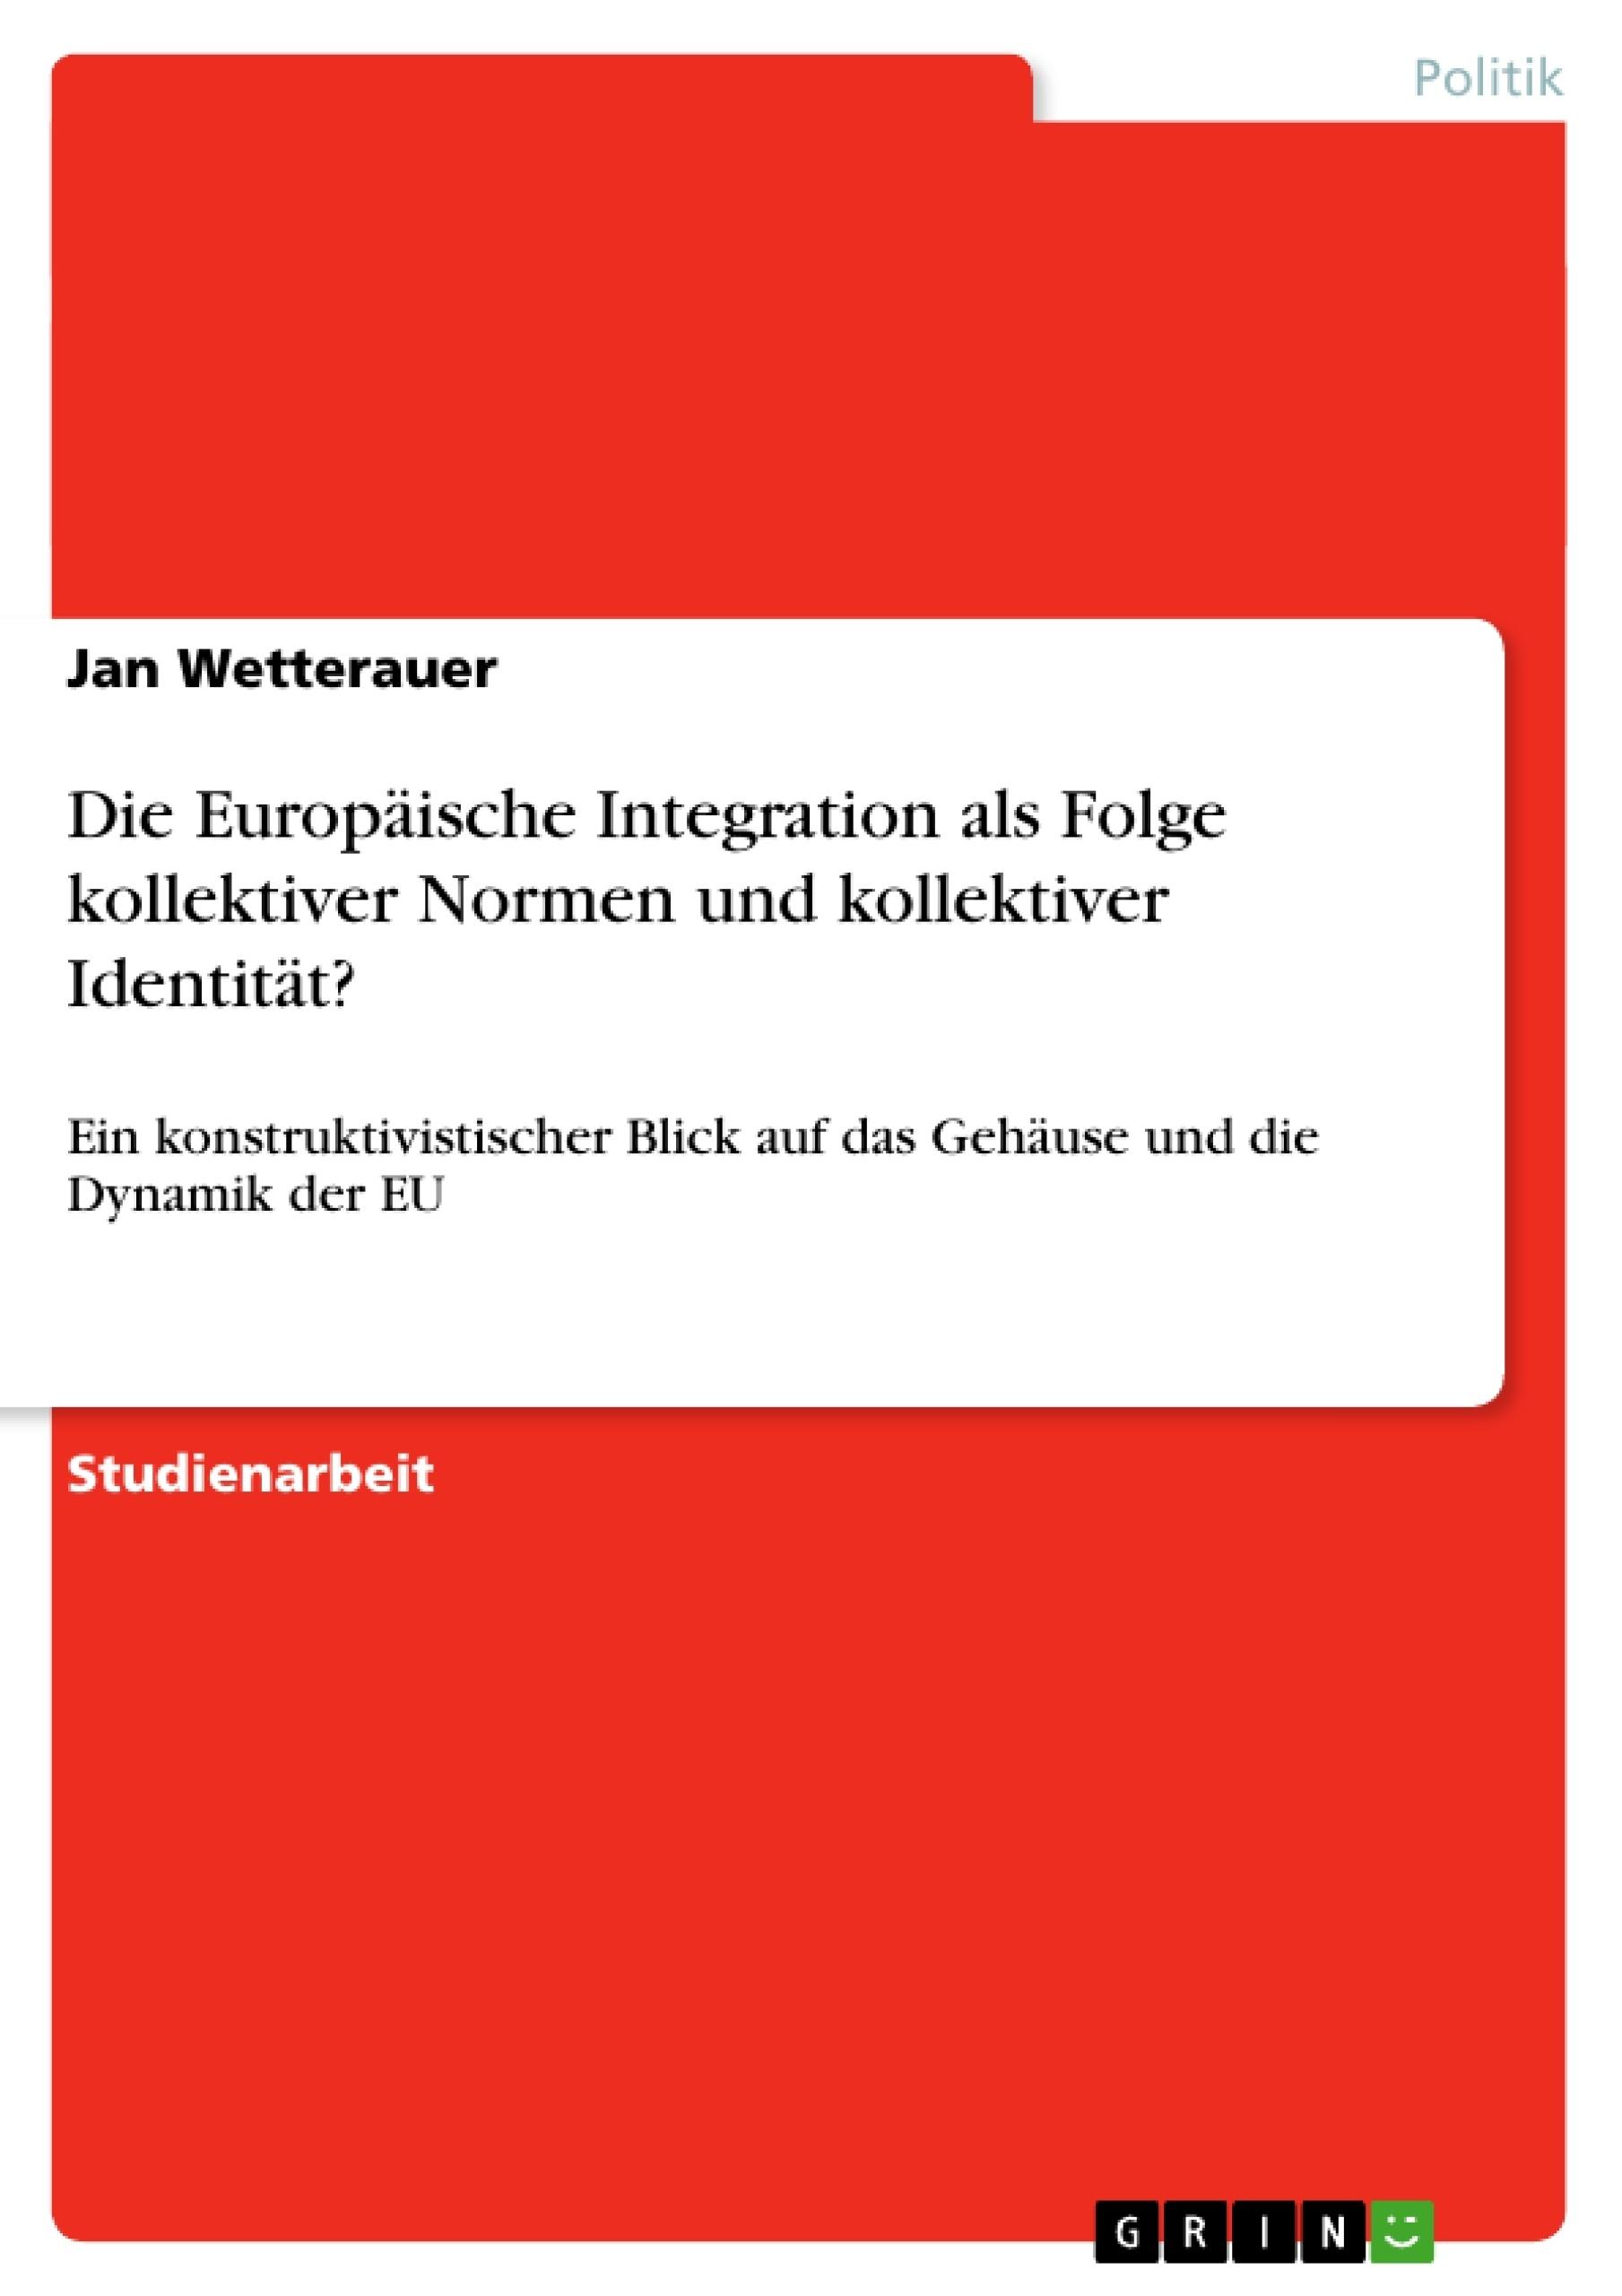 Titel: Die Europäische Integration als Folge kollektiver Normen und kollektiver Identität?